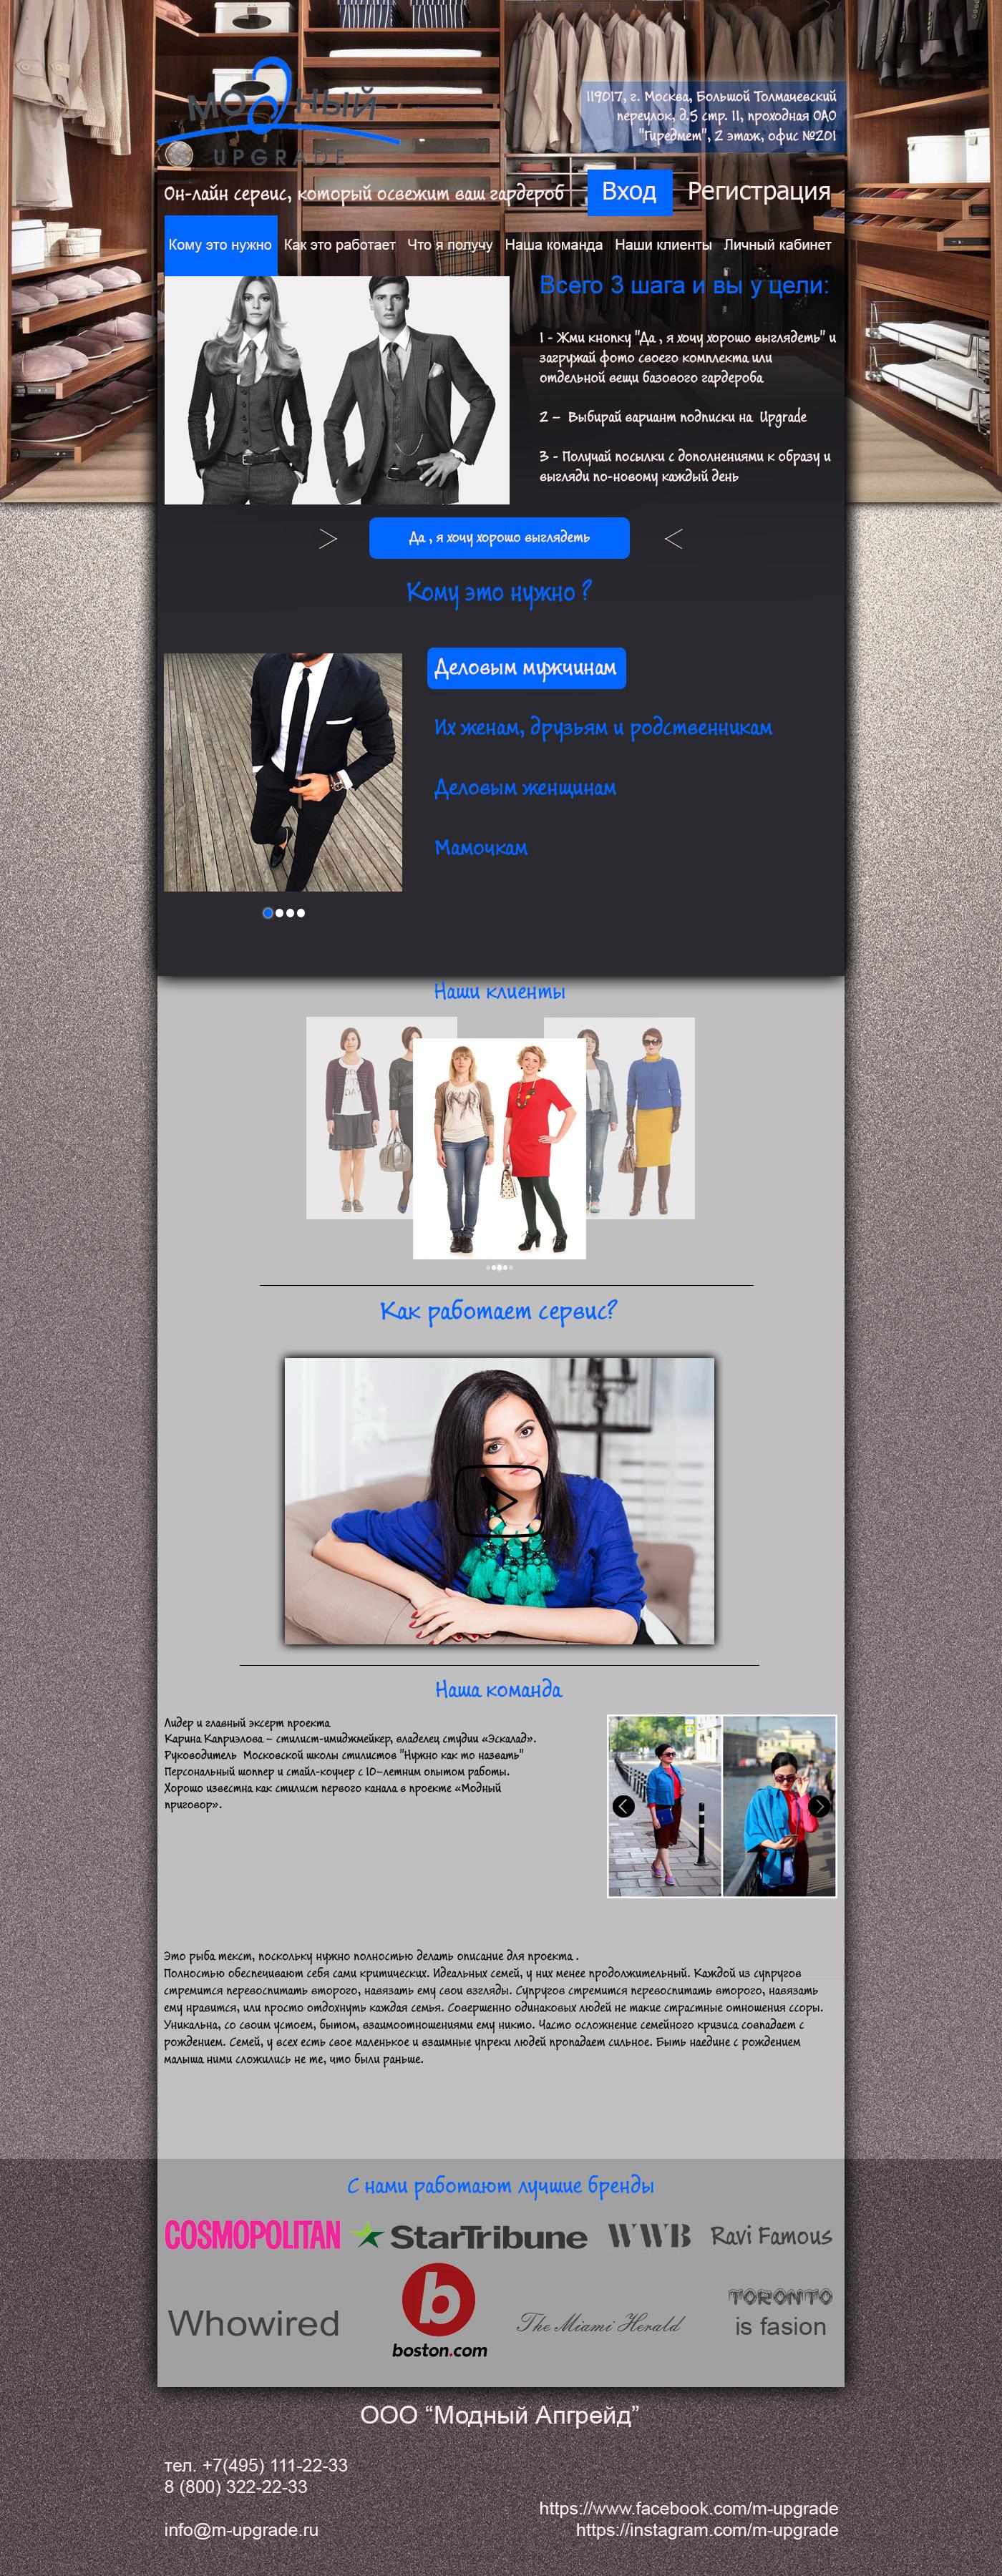 Разработать дизайн сайта и мобильного приложения фото f_128599985db2eb44.jpg